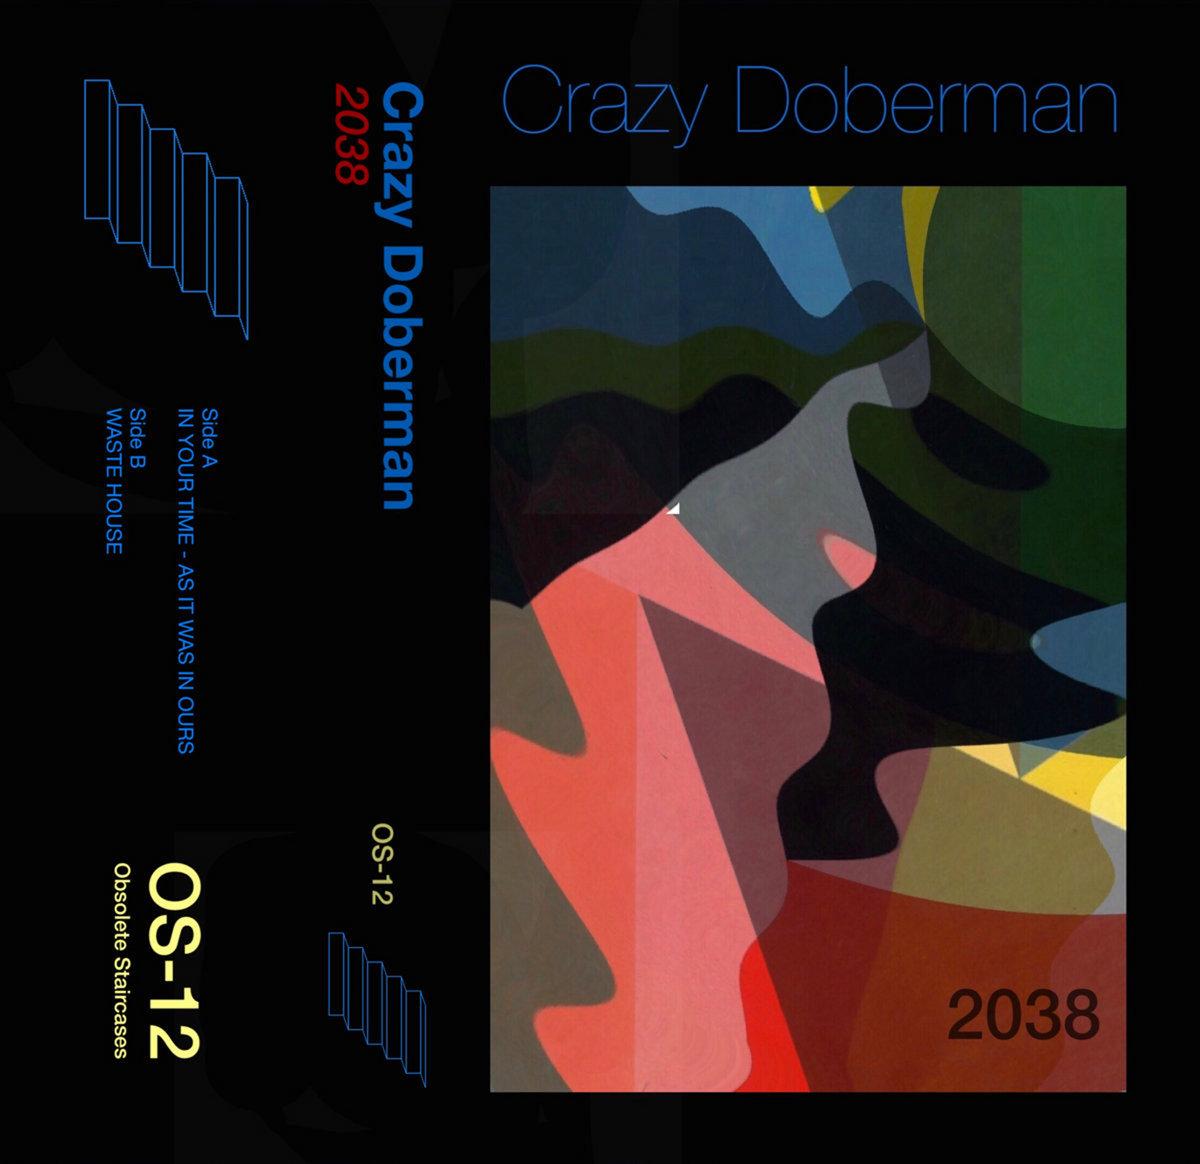 2038. by crazy doberman